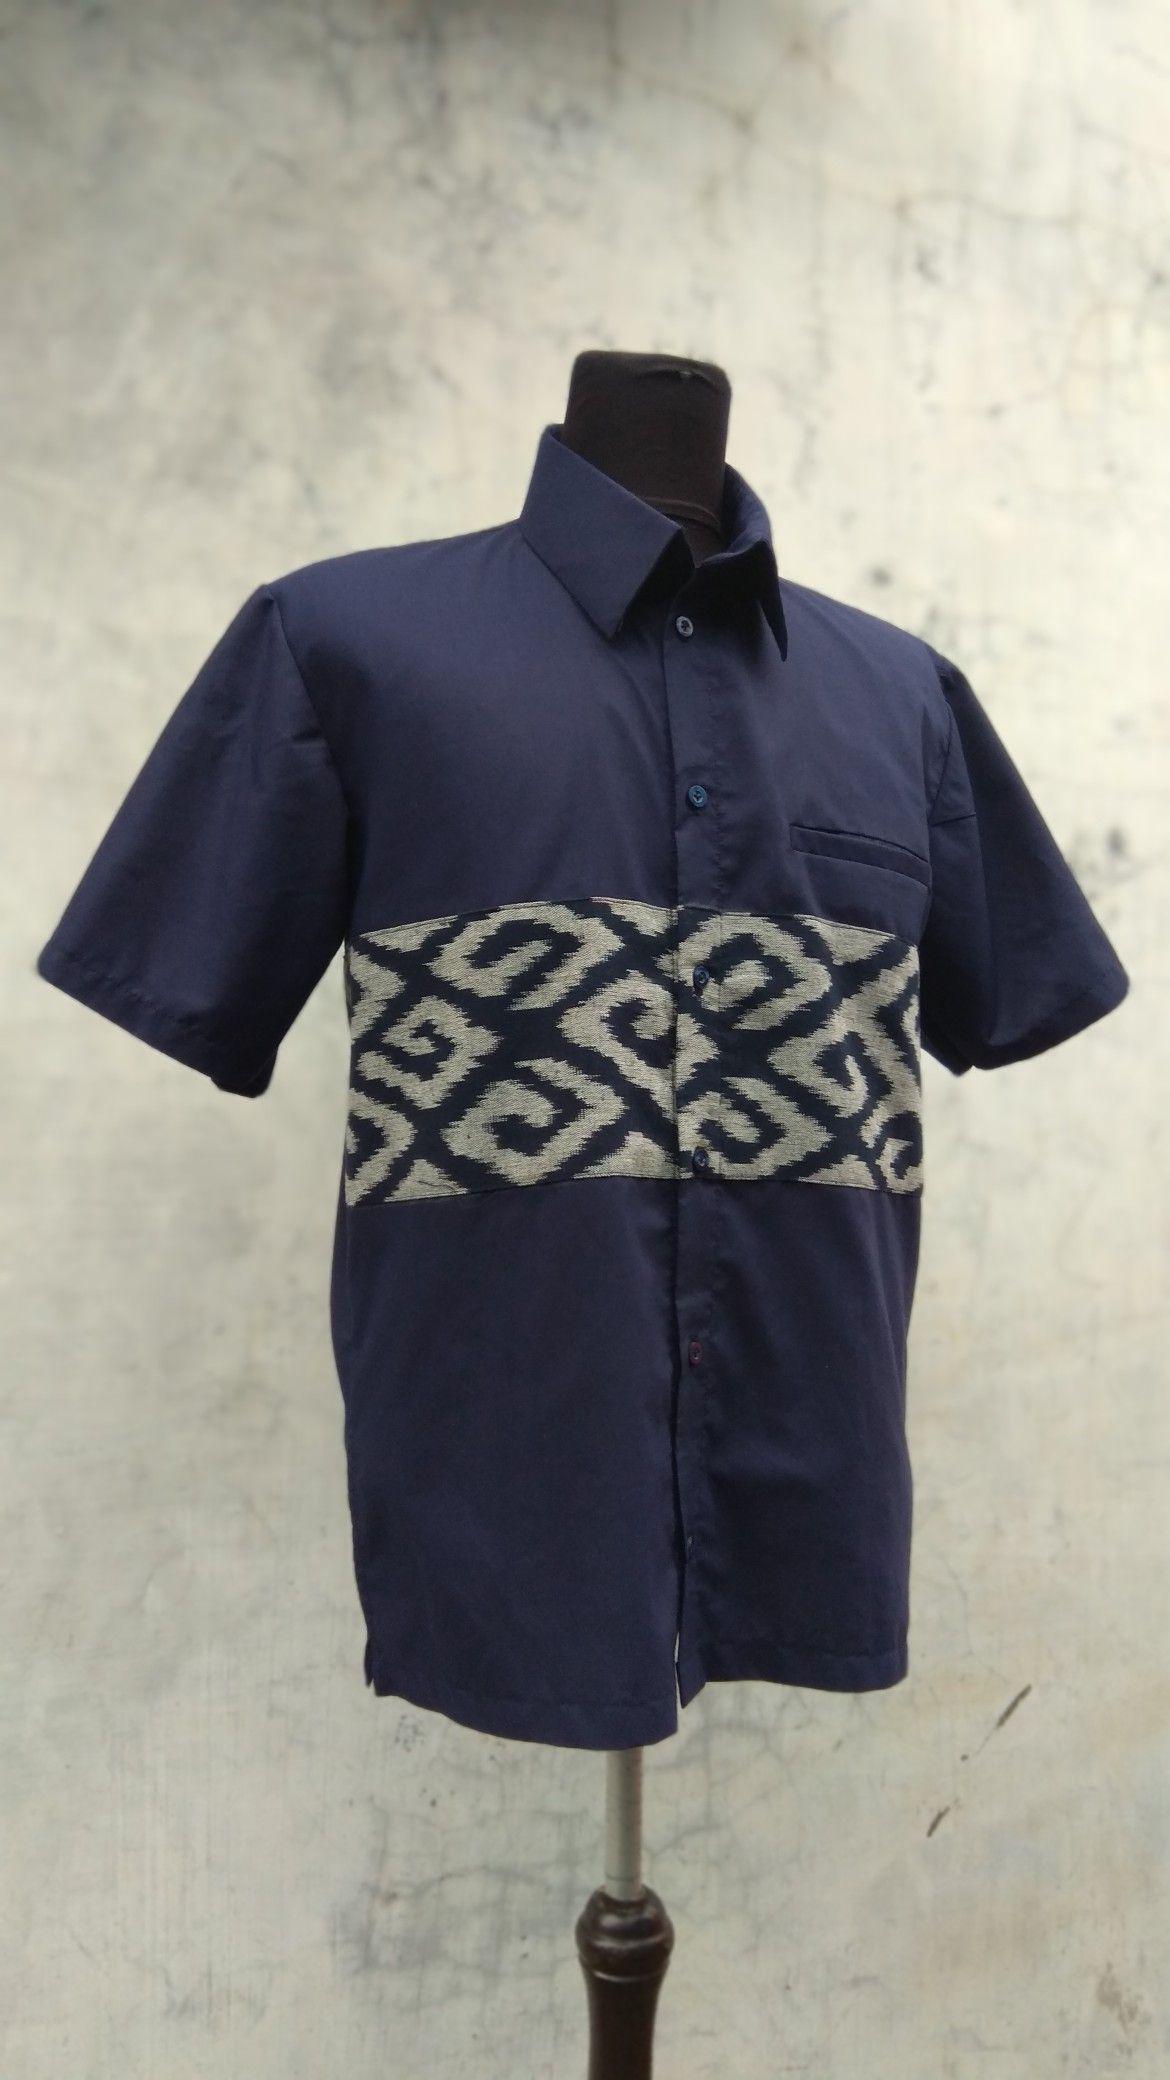 kemeja tenun kombinasi  Model baju pria, Kemeja, Pakaian kerja